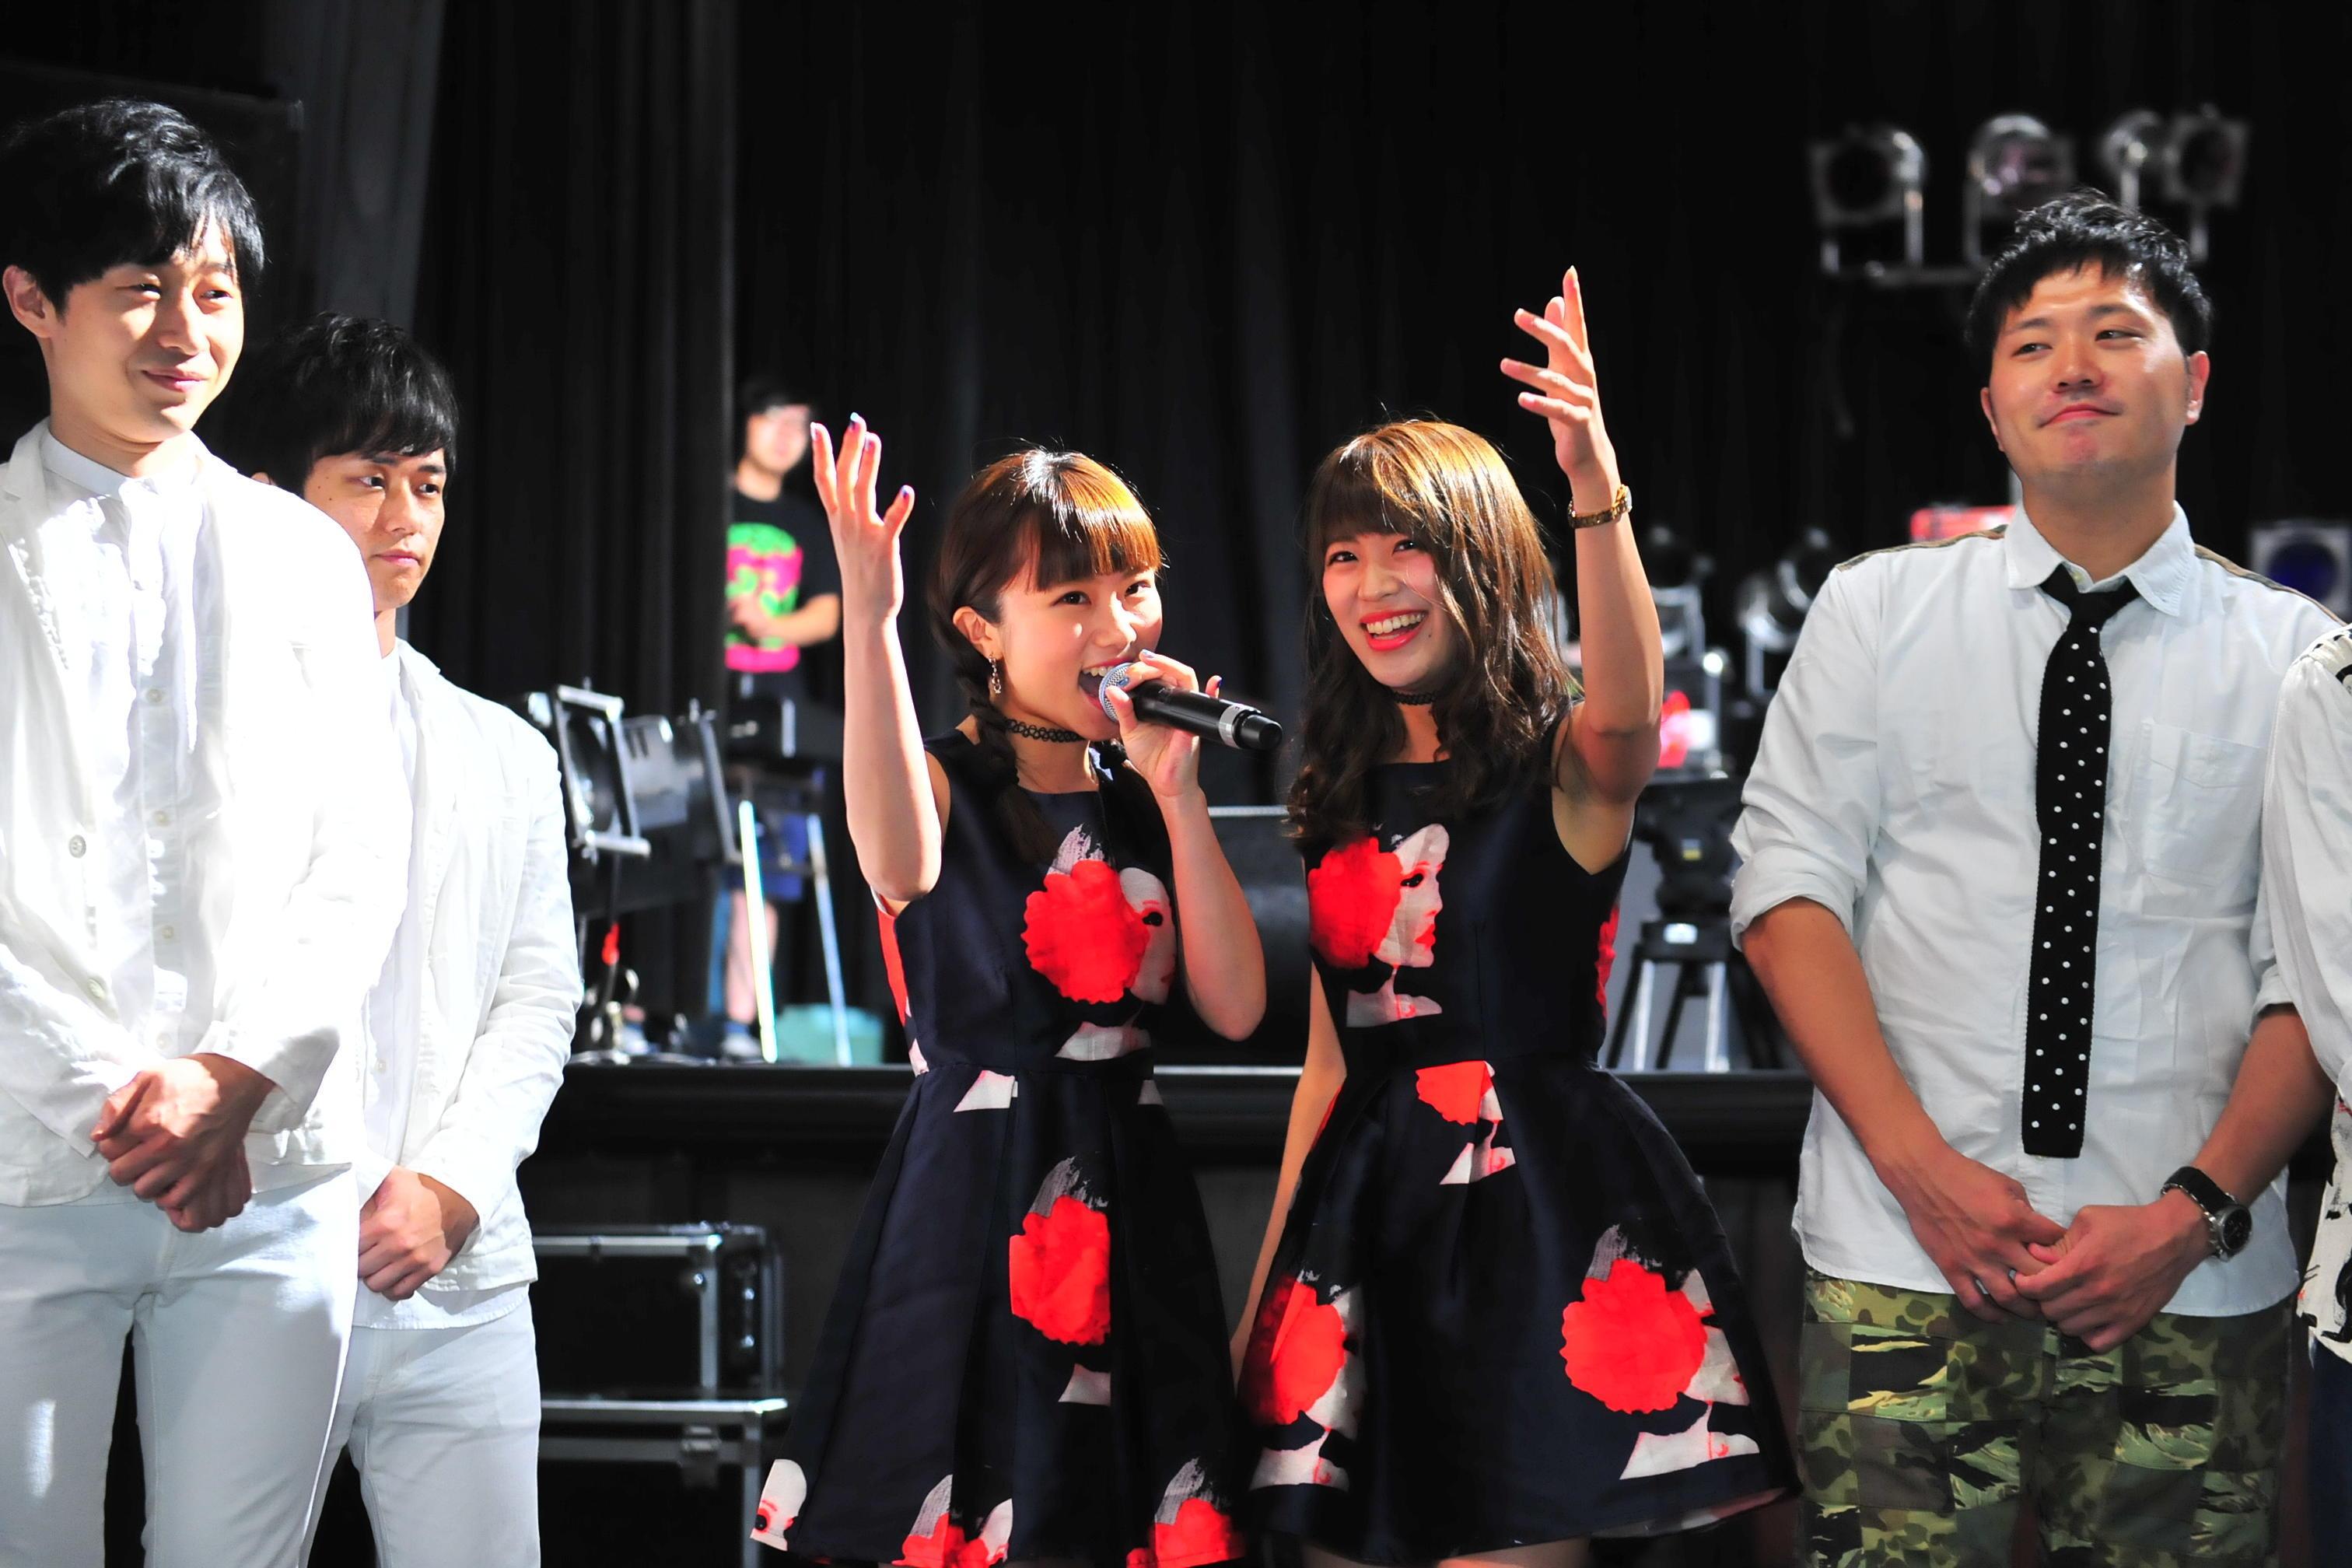 http://news.yoshimoto.co.jp/20160730192427-6d0d604b943e80cb58e605d3392fd05b005e5338.jpg